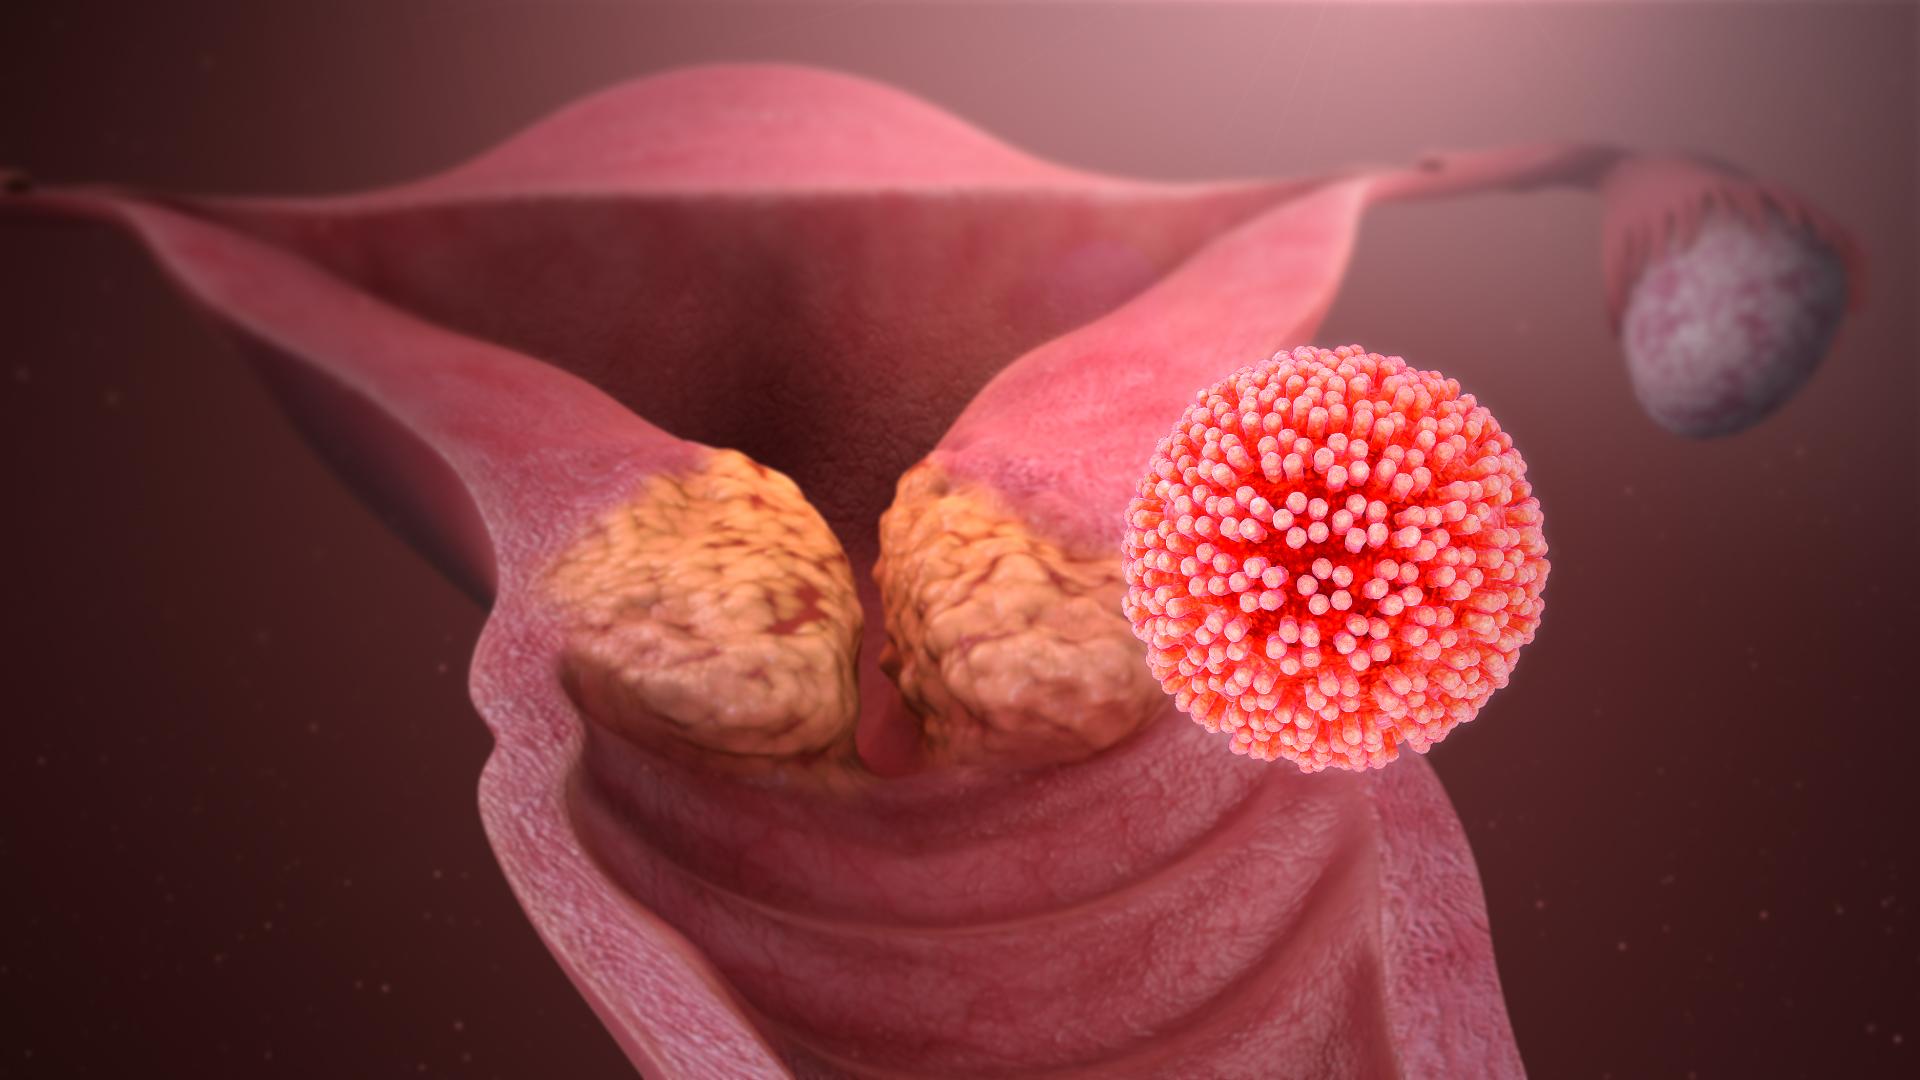 gastric cancer osmosis hpv 16 cervical cancer risk